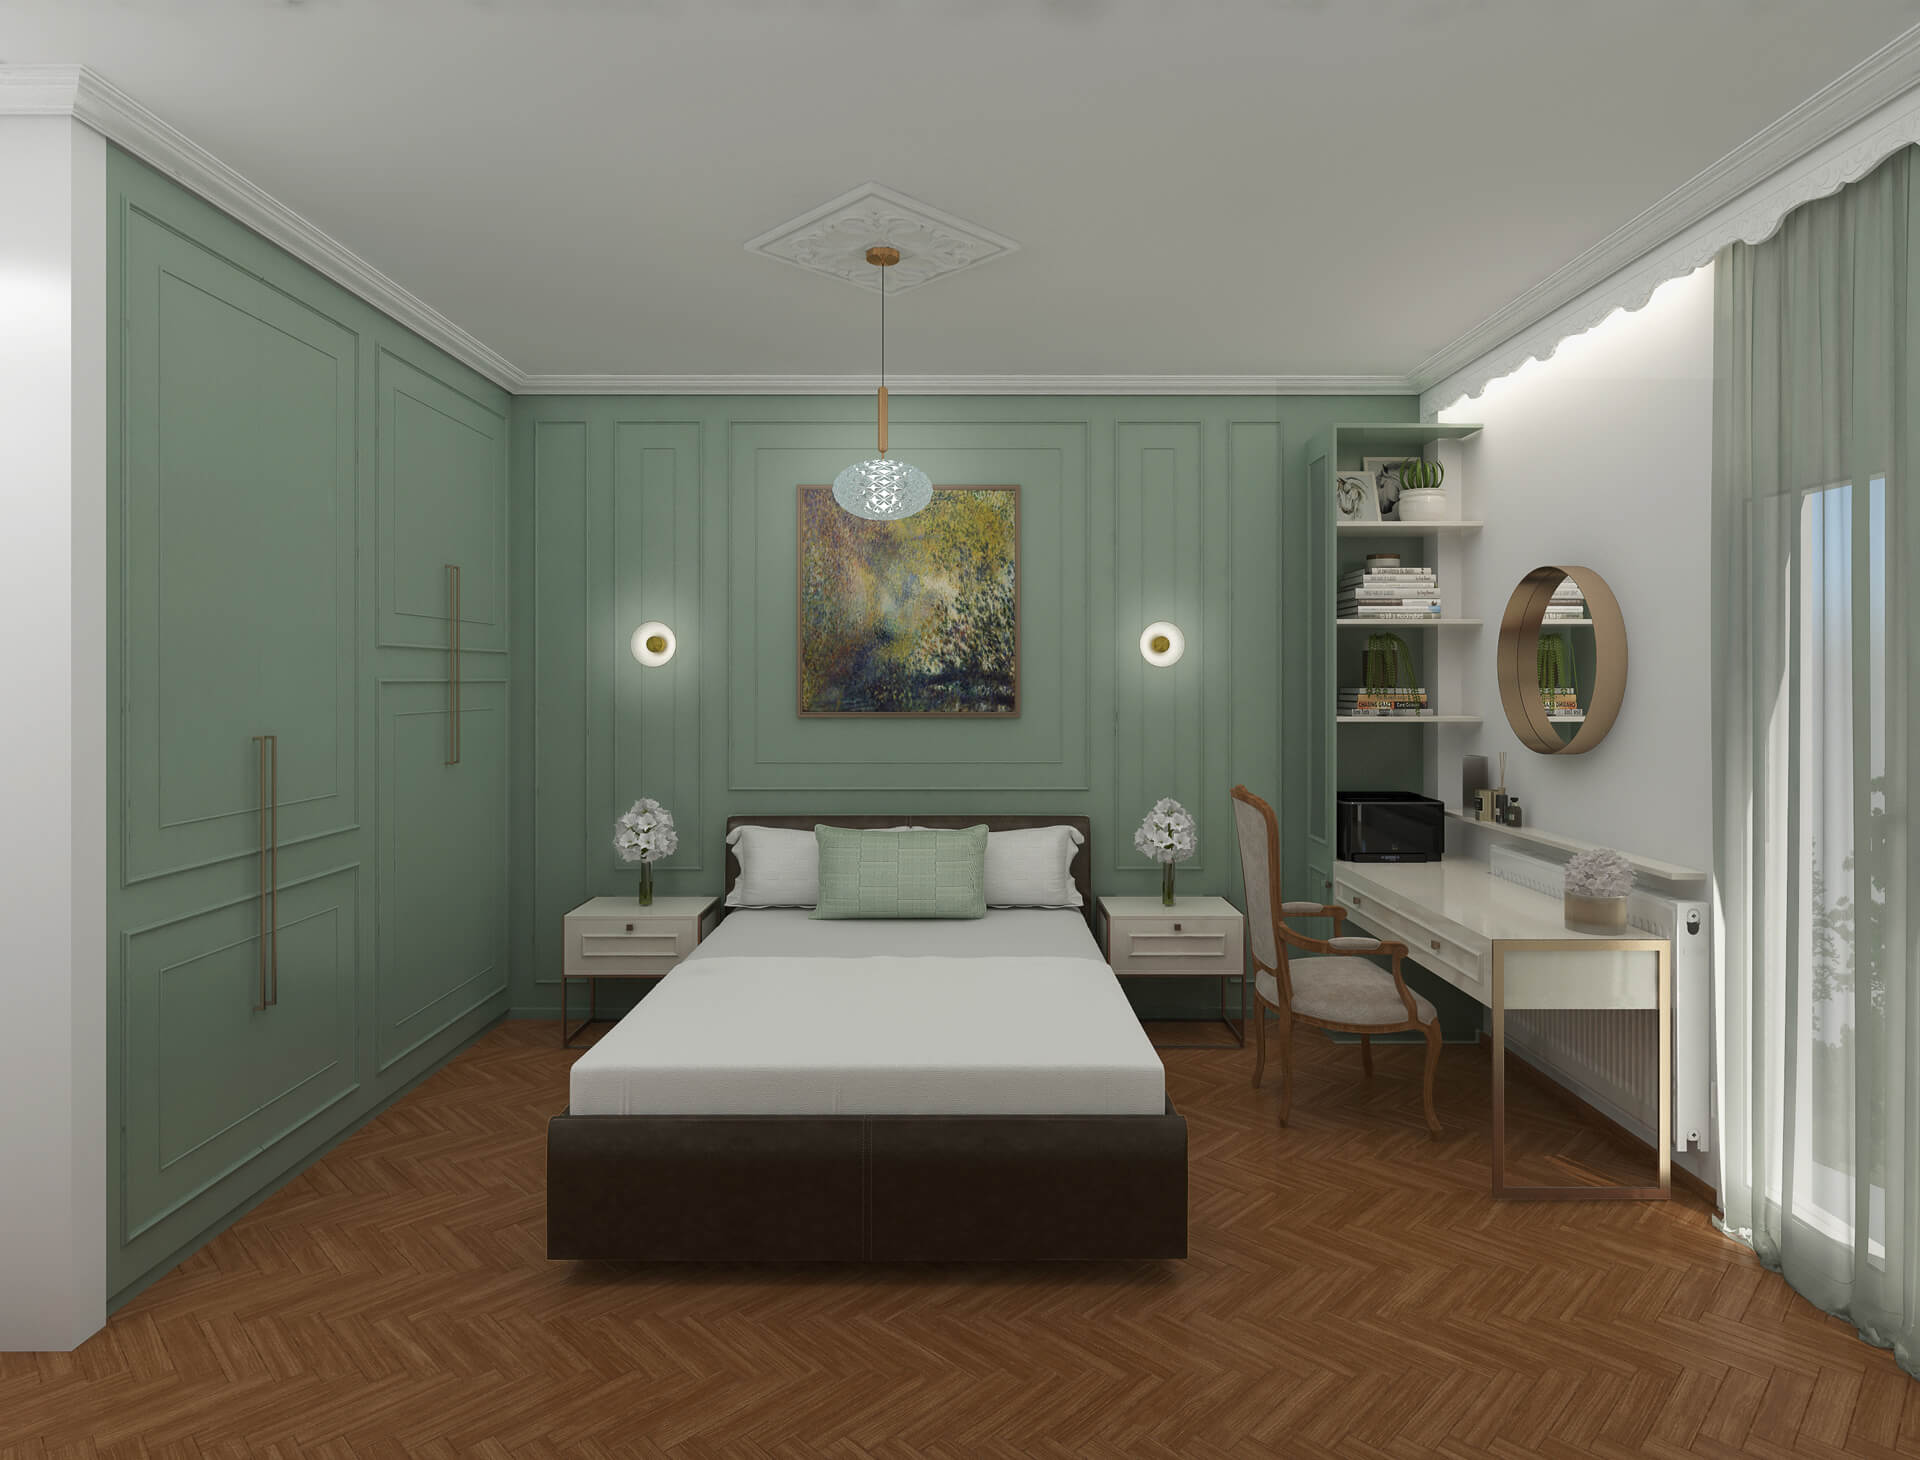 Ανακαίνιση Τρικούπη_Bedroom 01_02_20201202